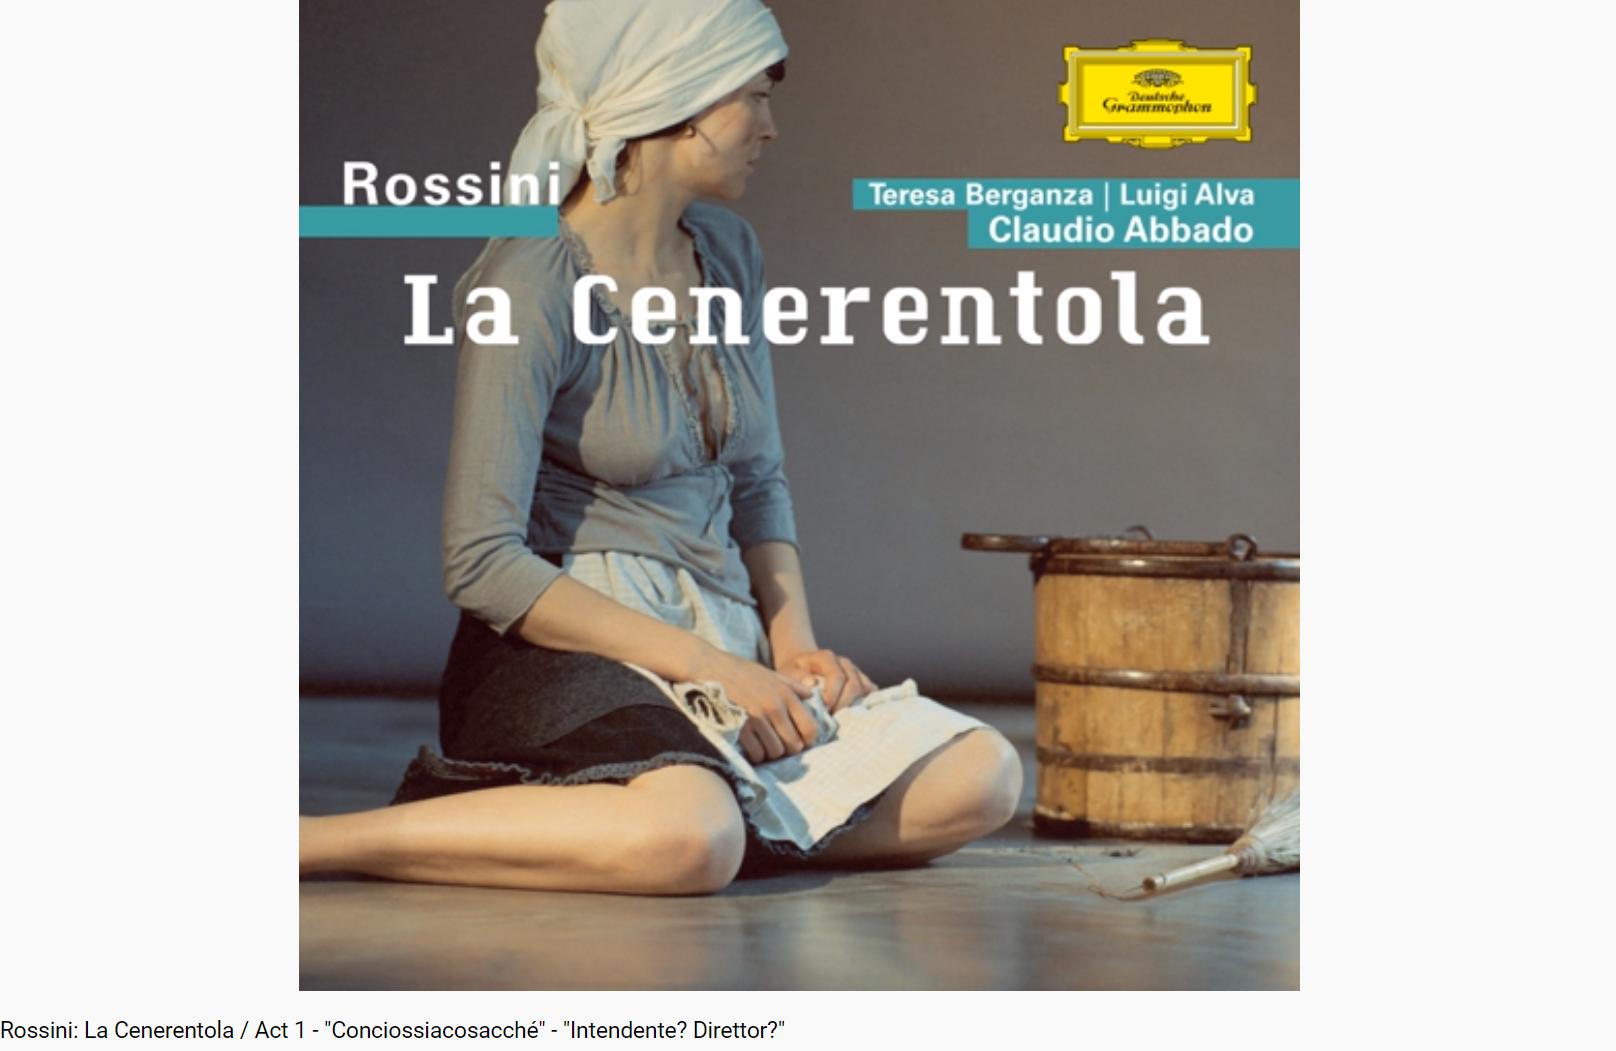 Rossini la Cenerentola conciossiacosacché